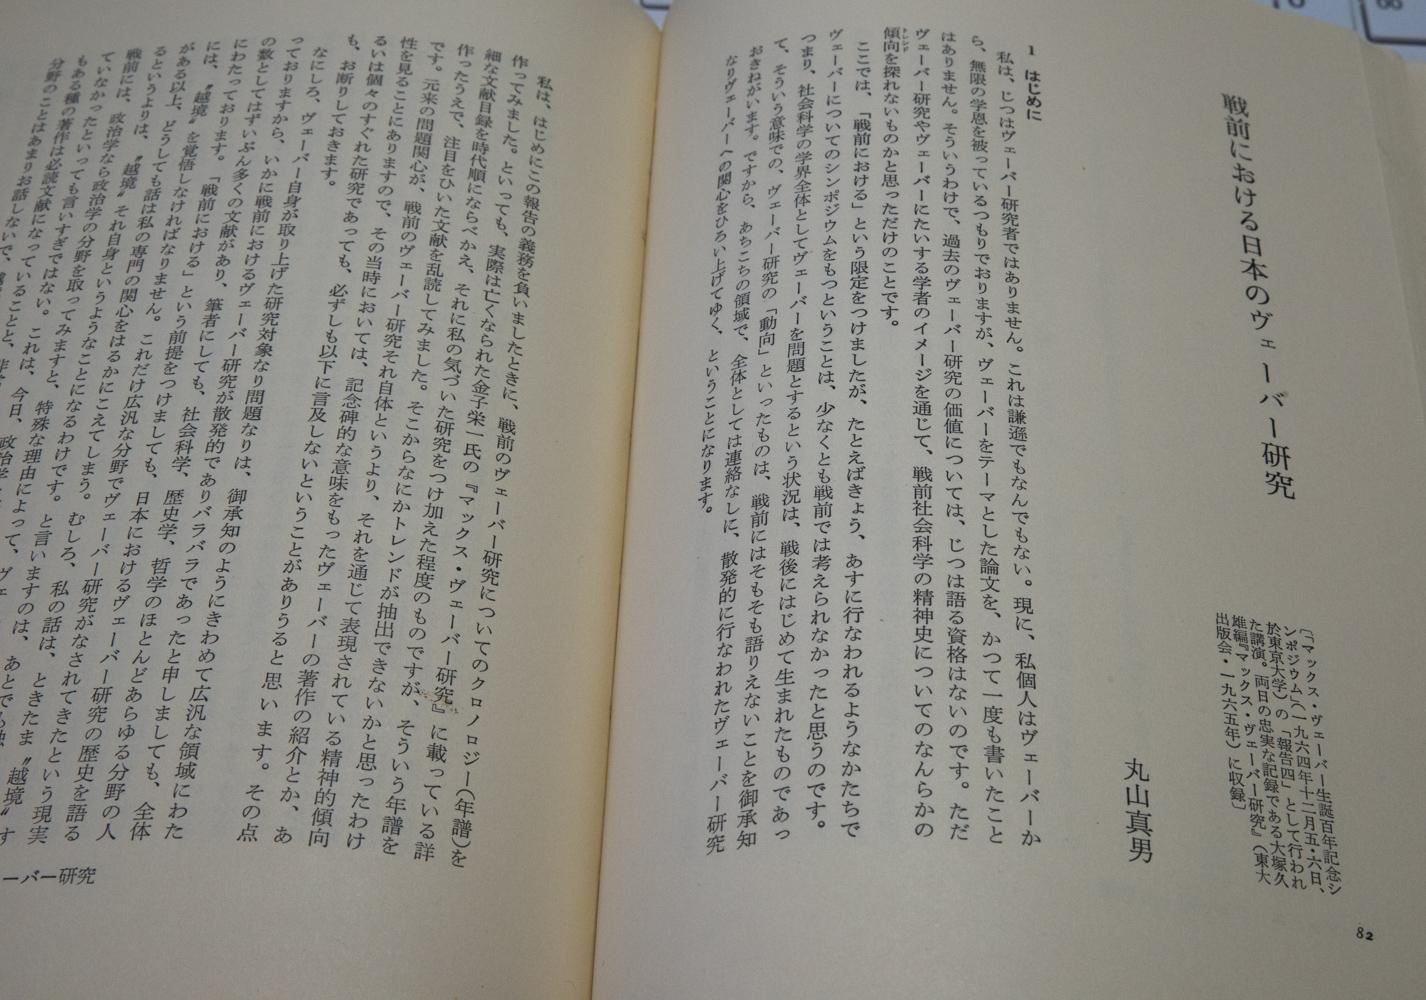 丸山眞男の「戦前における日本のヴェーバー研究」